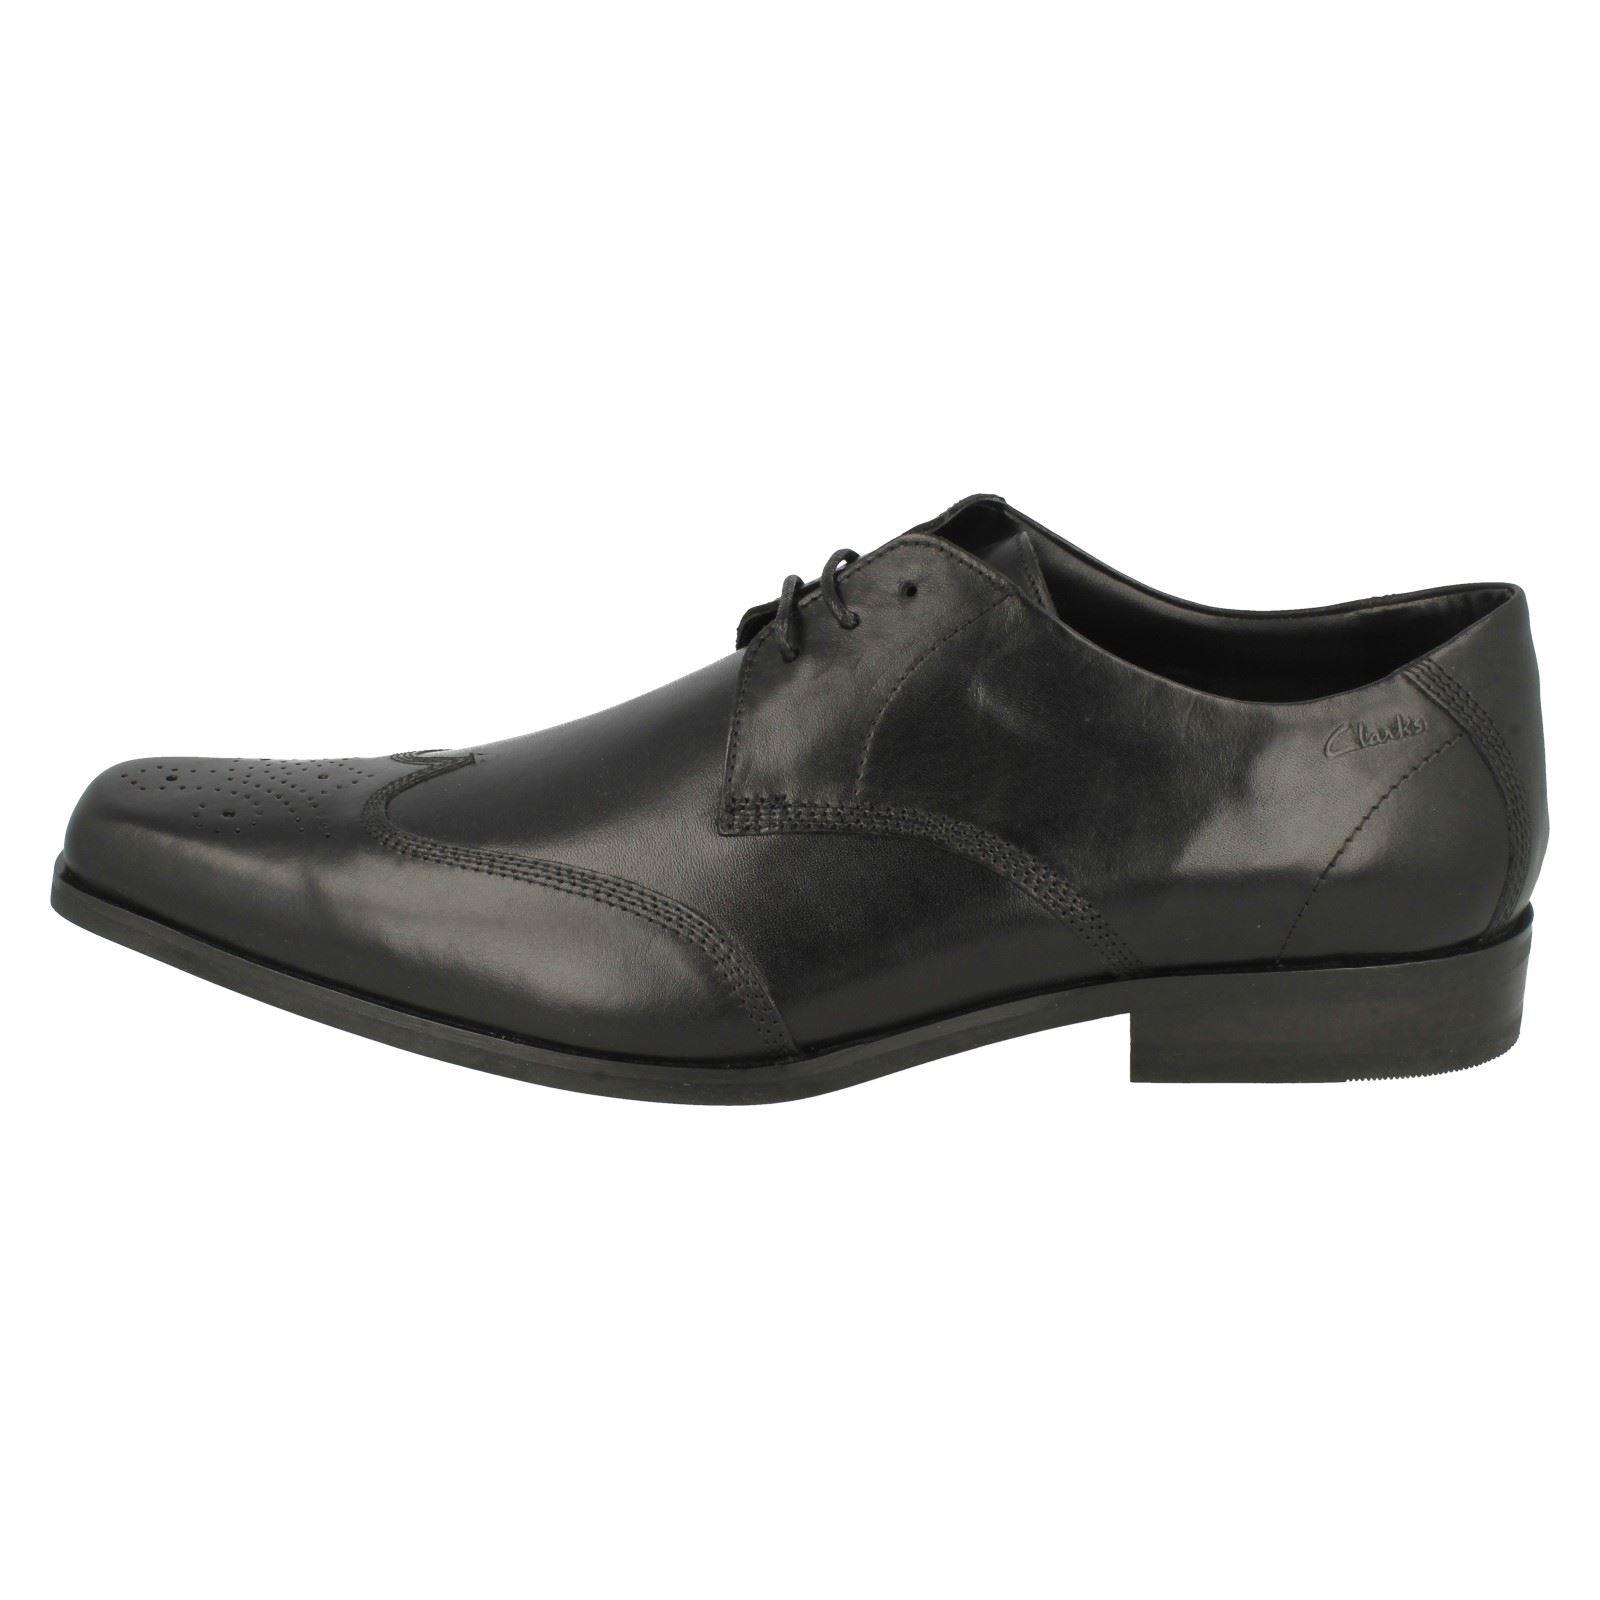 Clarks hombre Croyden negro Club con formales cuero Zapatos de para cordones pqdaaWwg